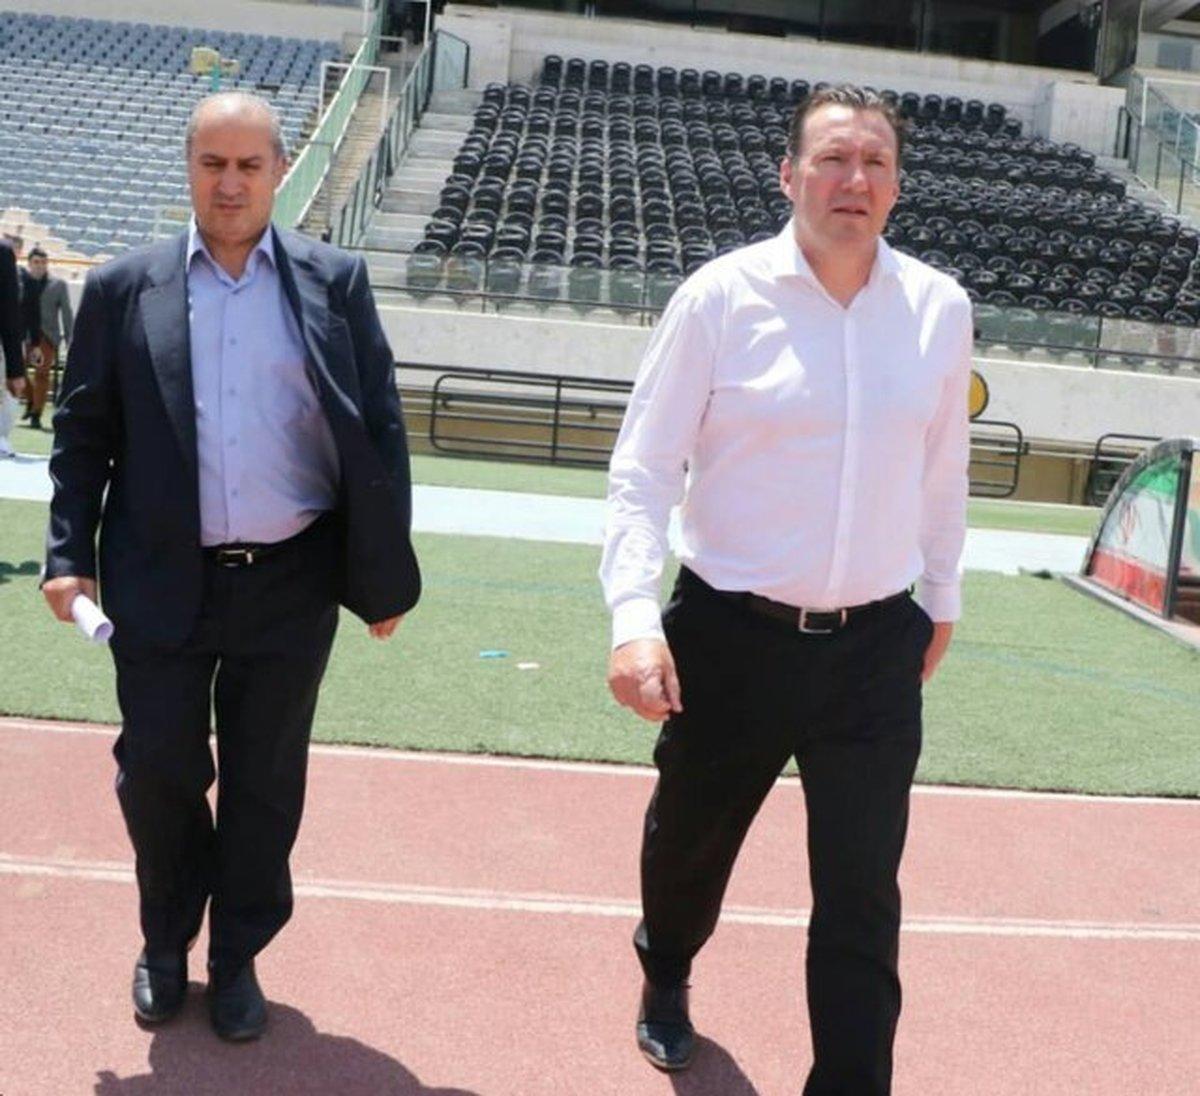 تصاویری از حضور ویلموتس در استادیوم آزادی